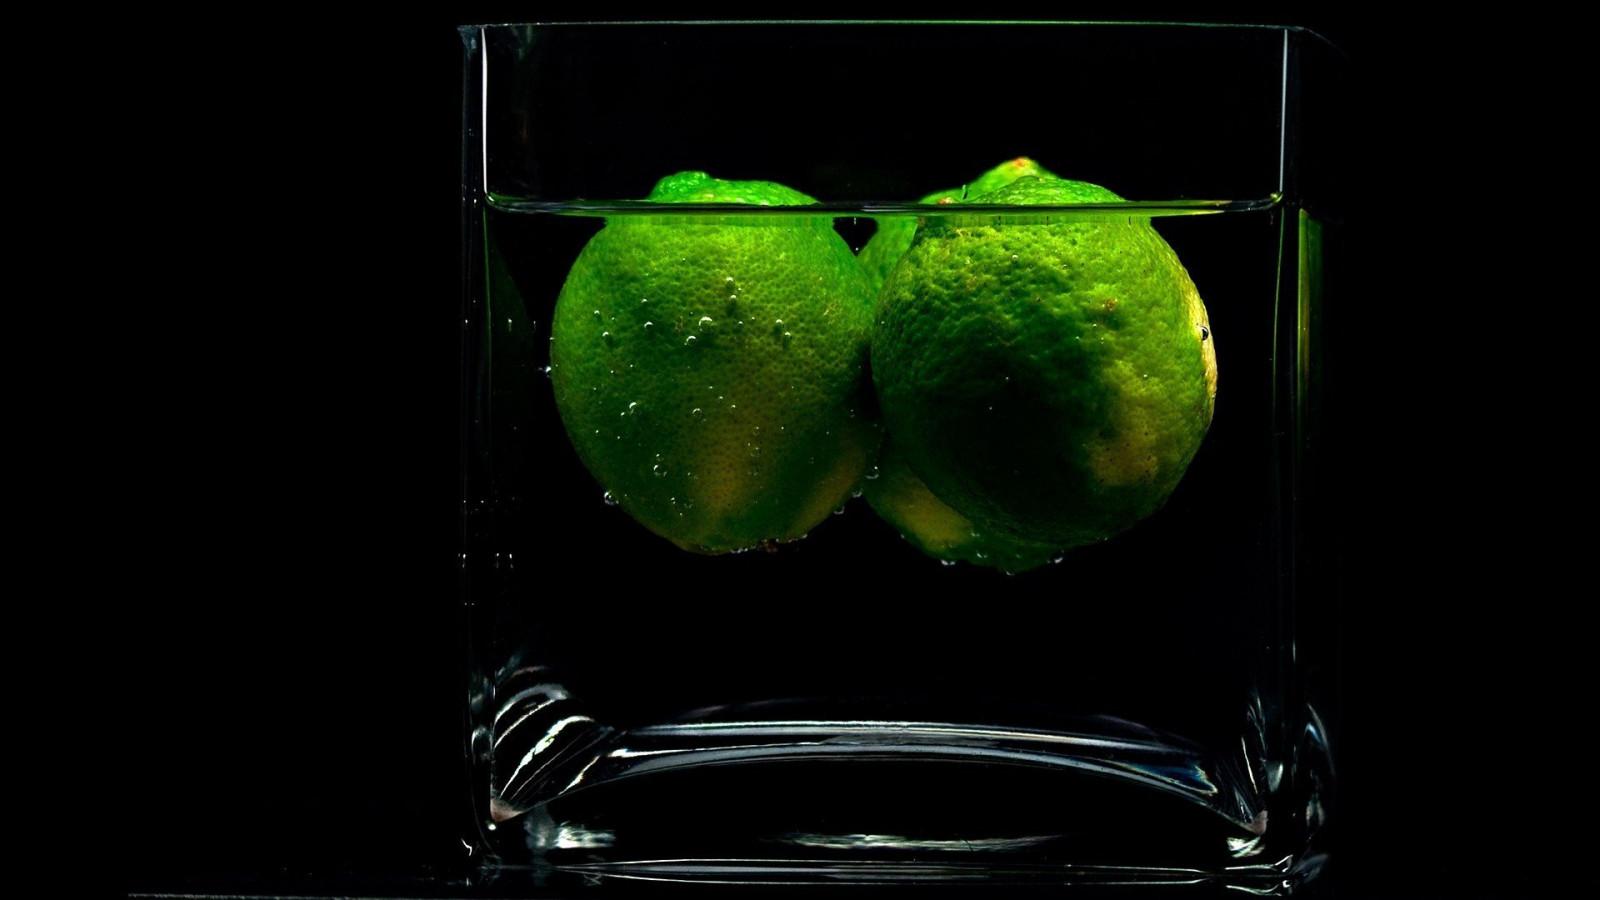 1920x1080 px, glass, lemon